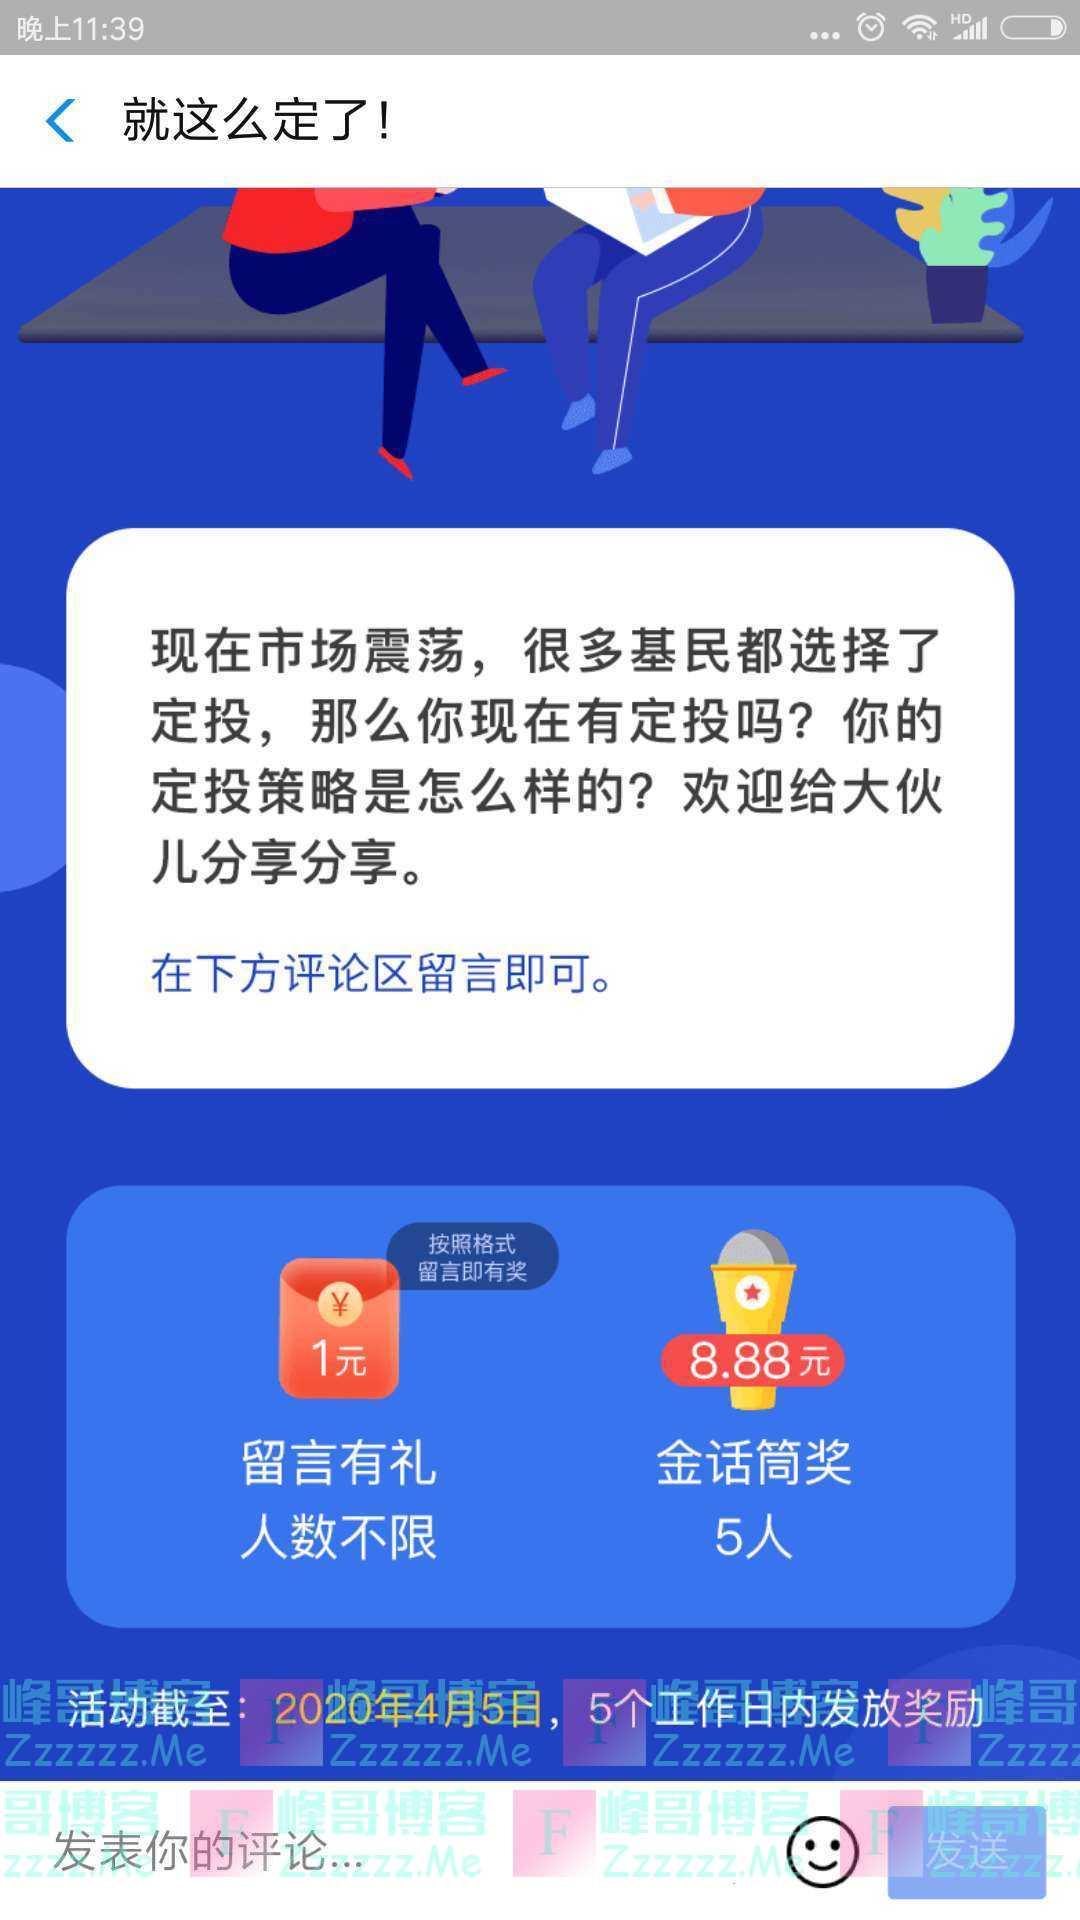 光大保德信基金基民圆桌会 分享定投心得(截止4月5日)